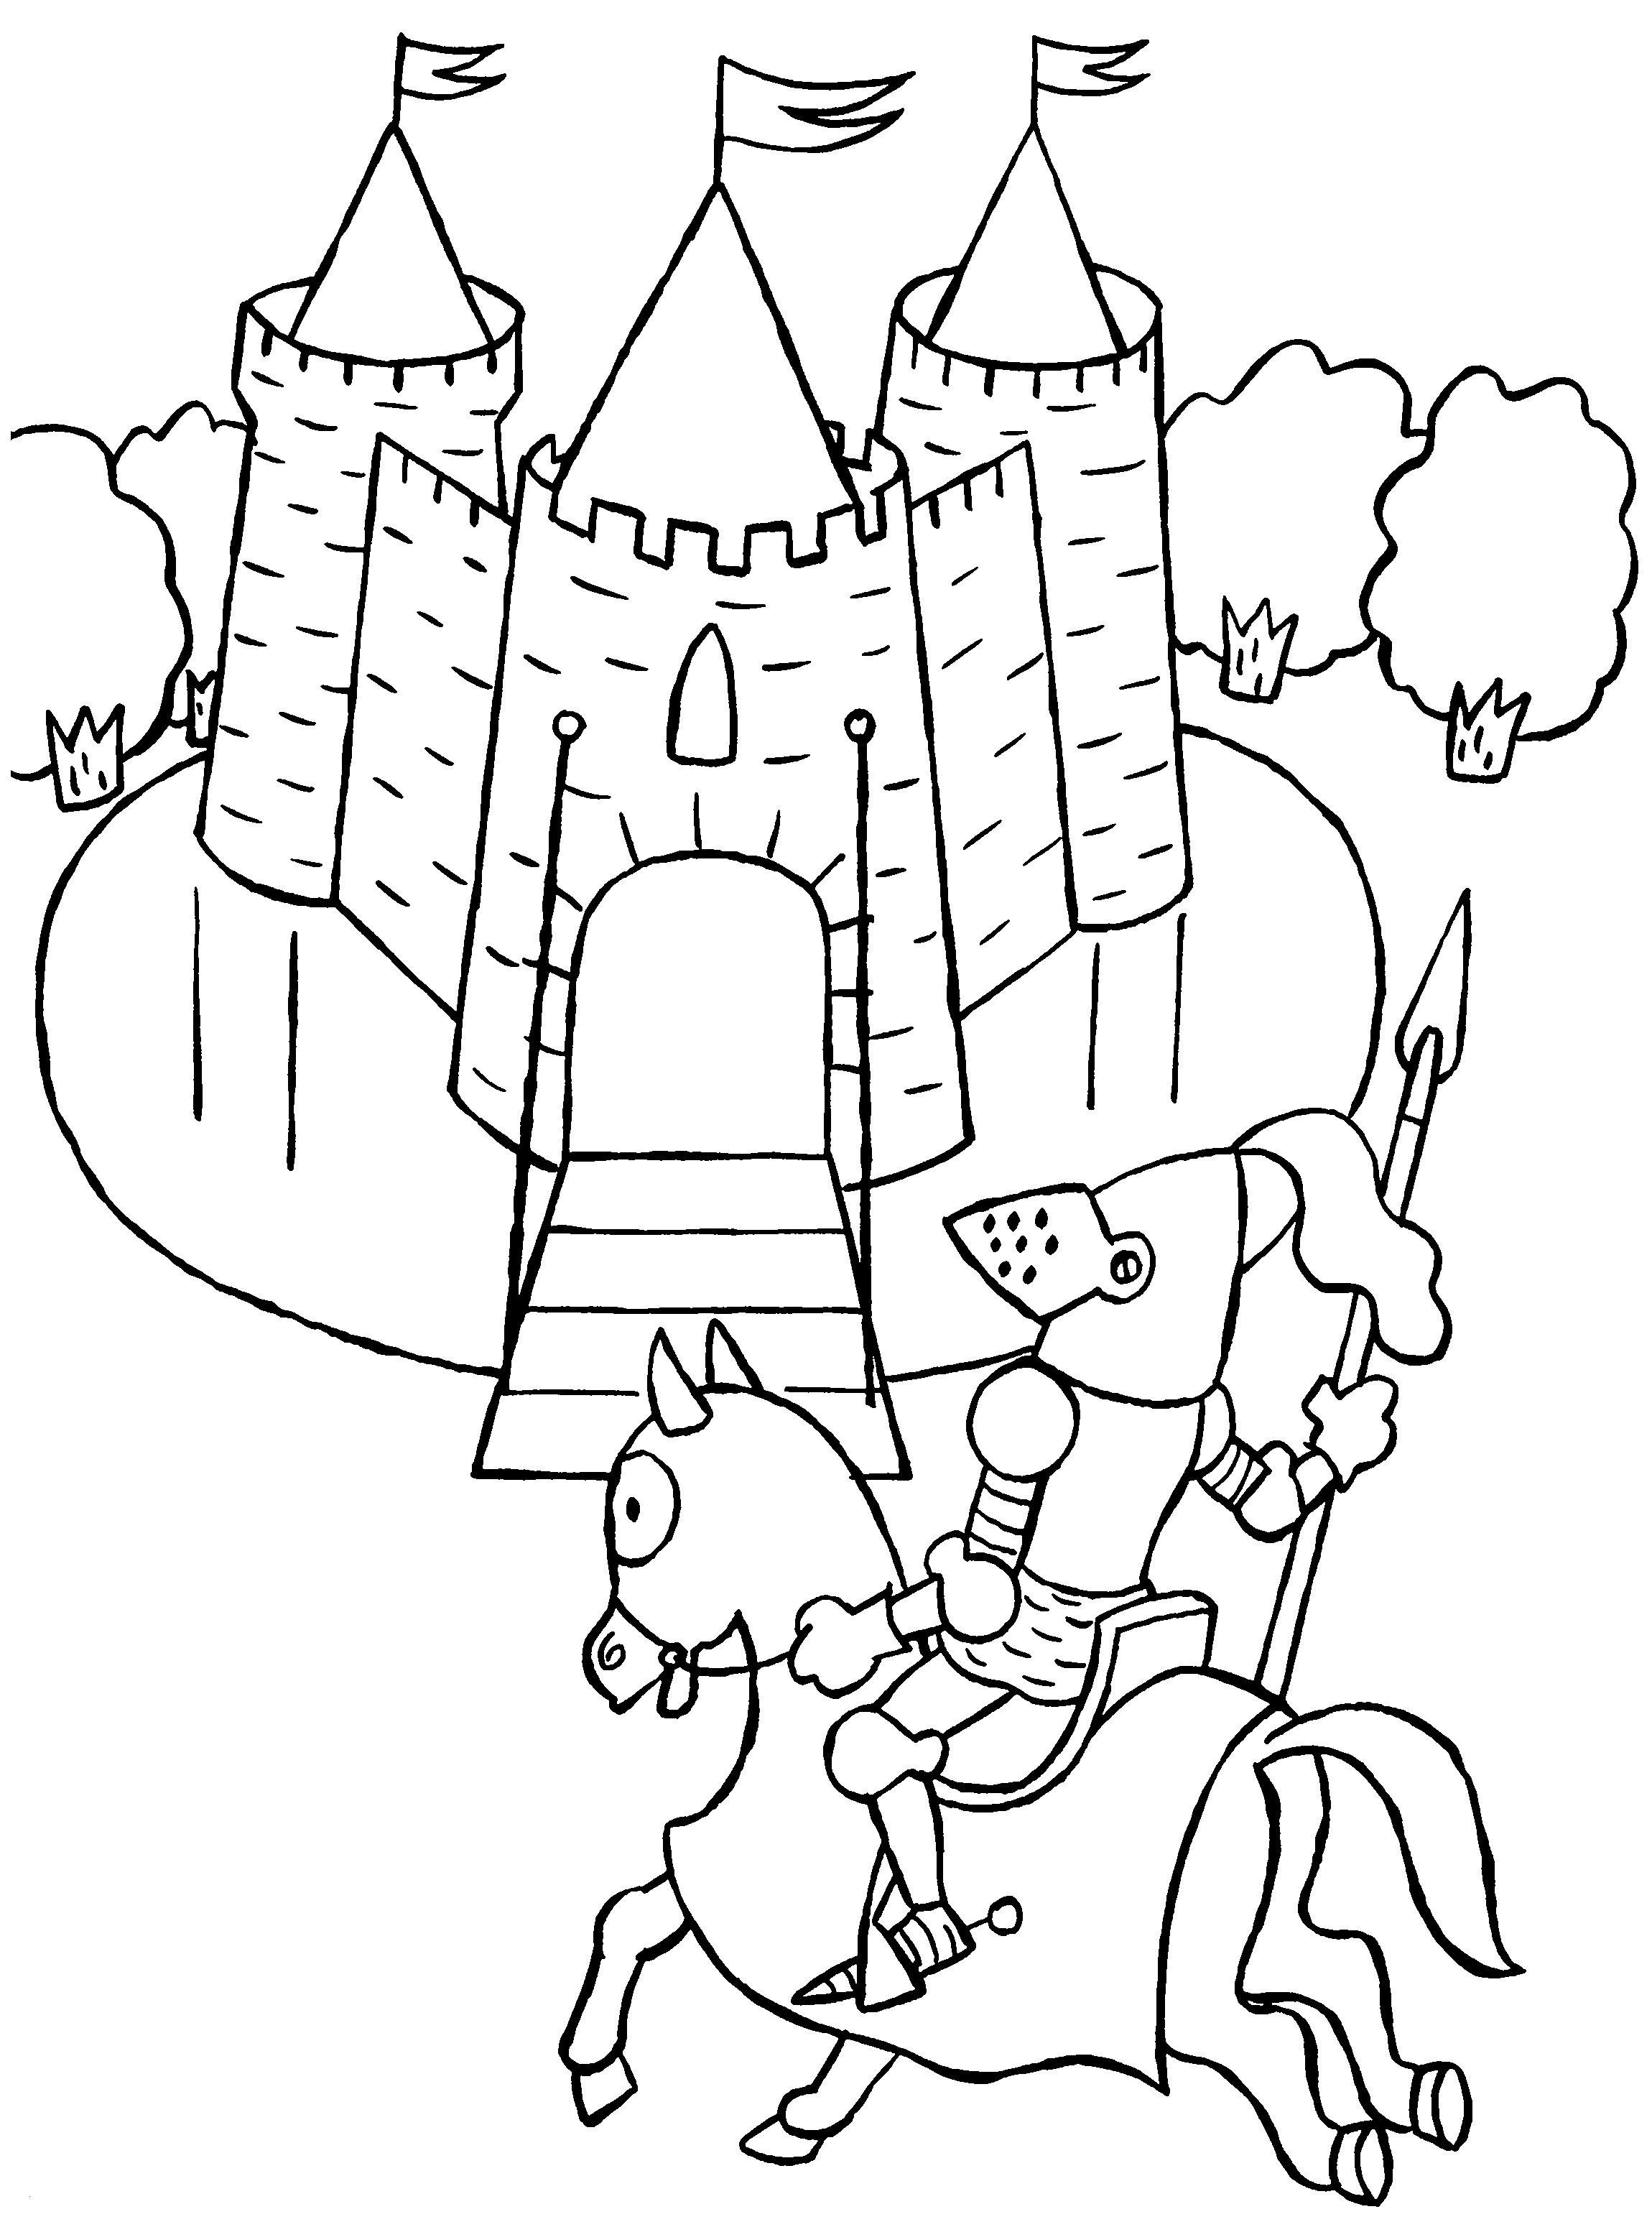 Malvorlage Robin Hood Frisch 37 Ausmalbilder Kleeblatt Scoredatscore Best Ausmalbilder Bilder